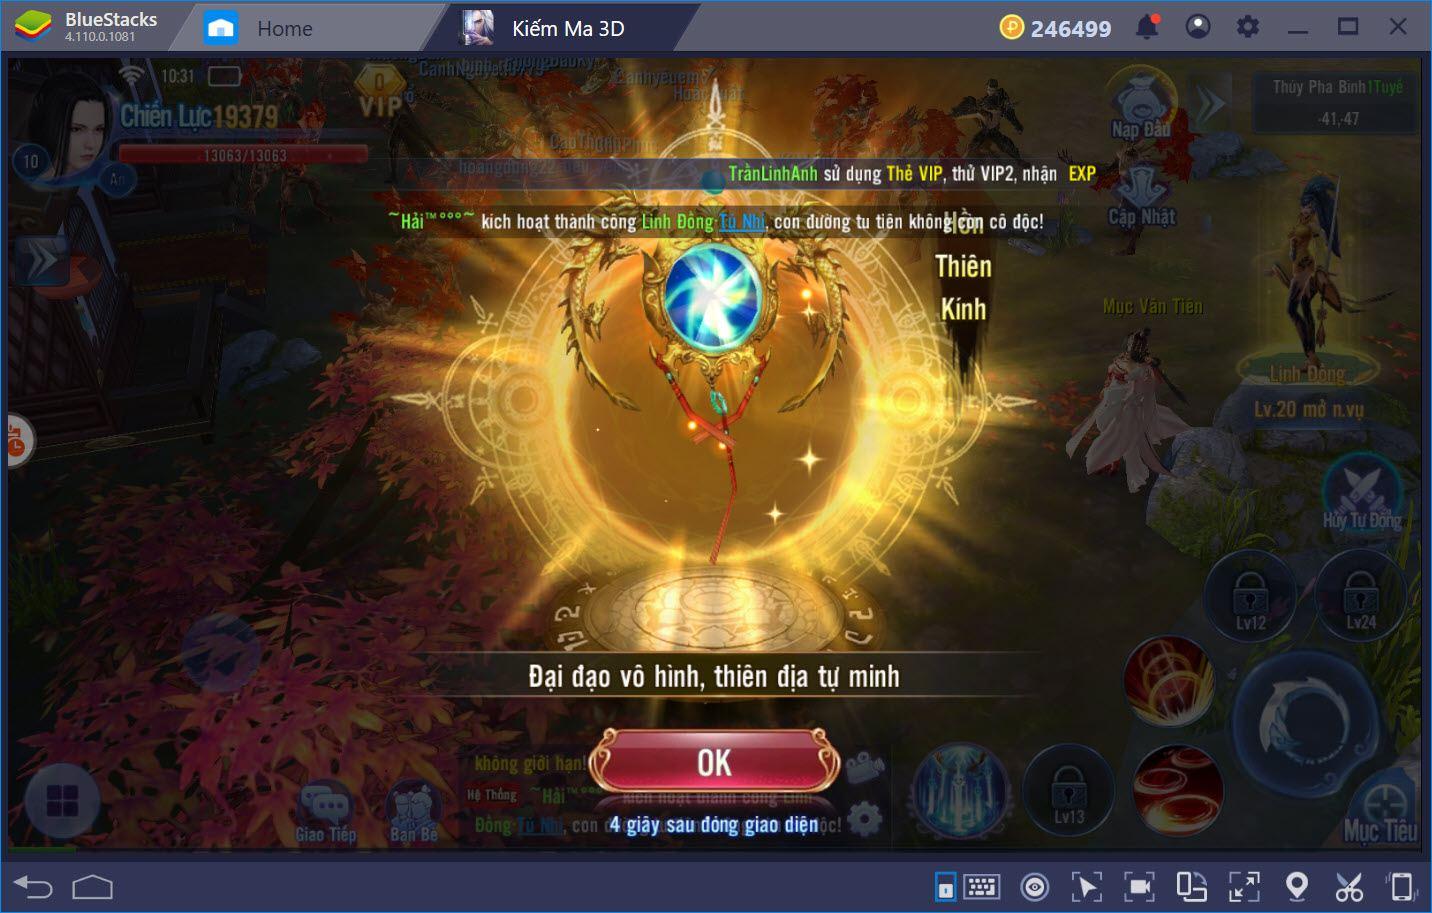 Trải nghiệm Kiếm Ma 3D cùng BlueStacks trên PC